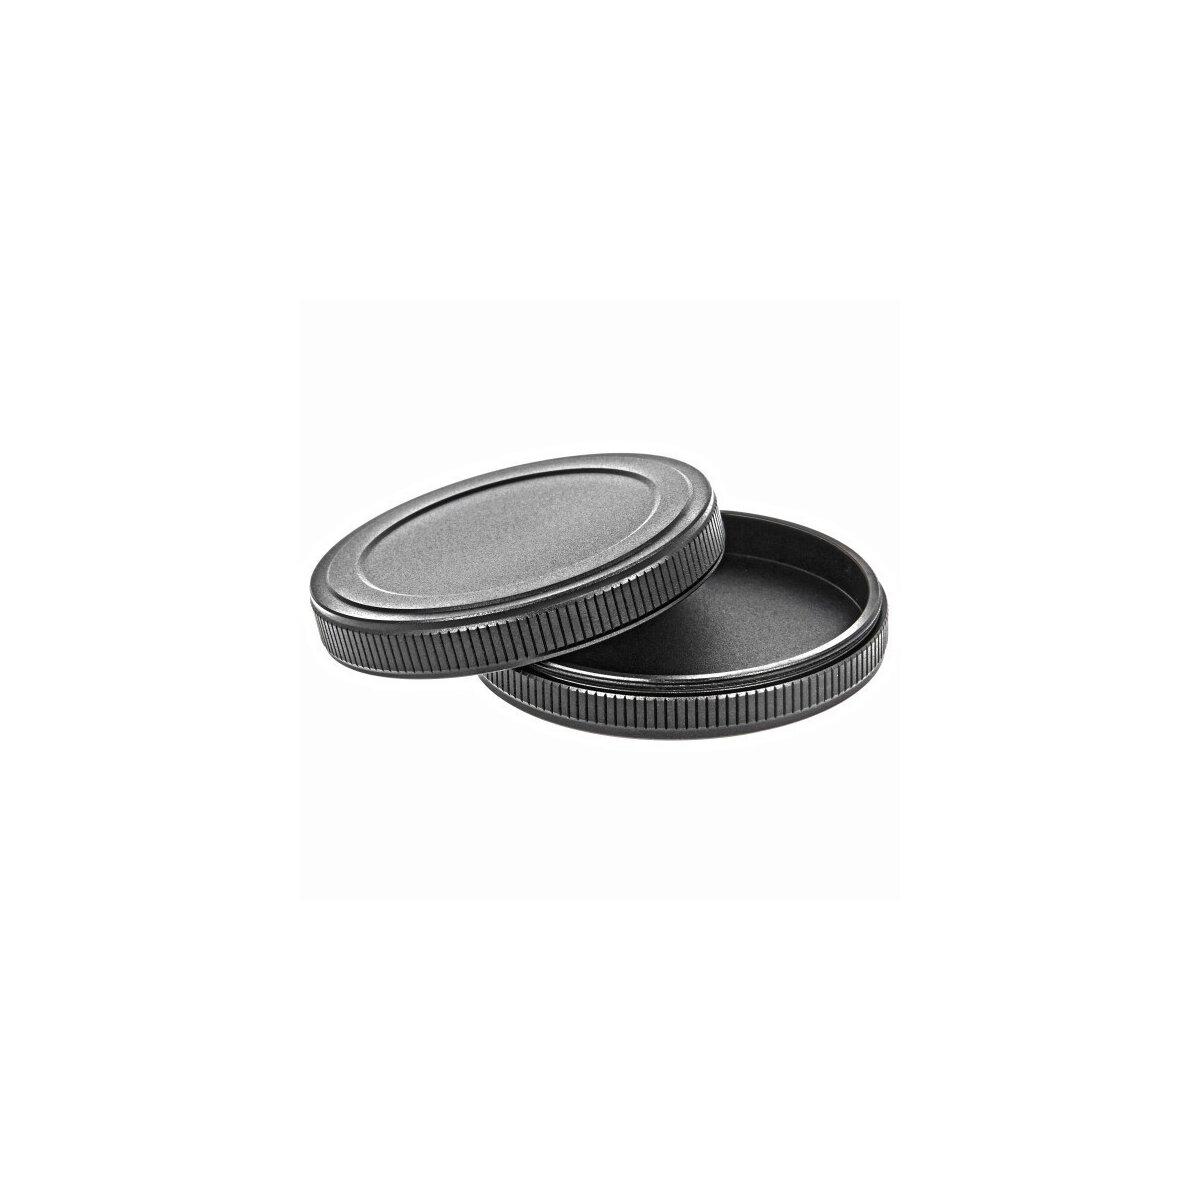 Aluminium Filter-Schutzdeckel / Schraub-Filterkappen fuer 46mm Filter